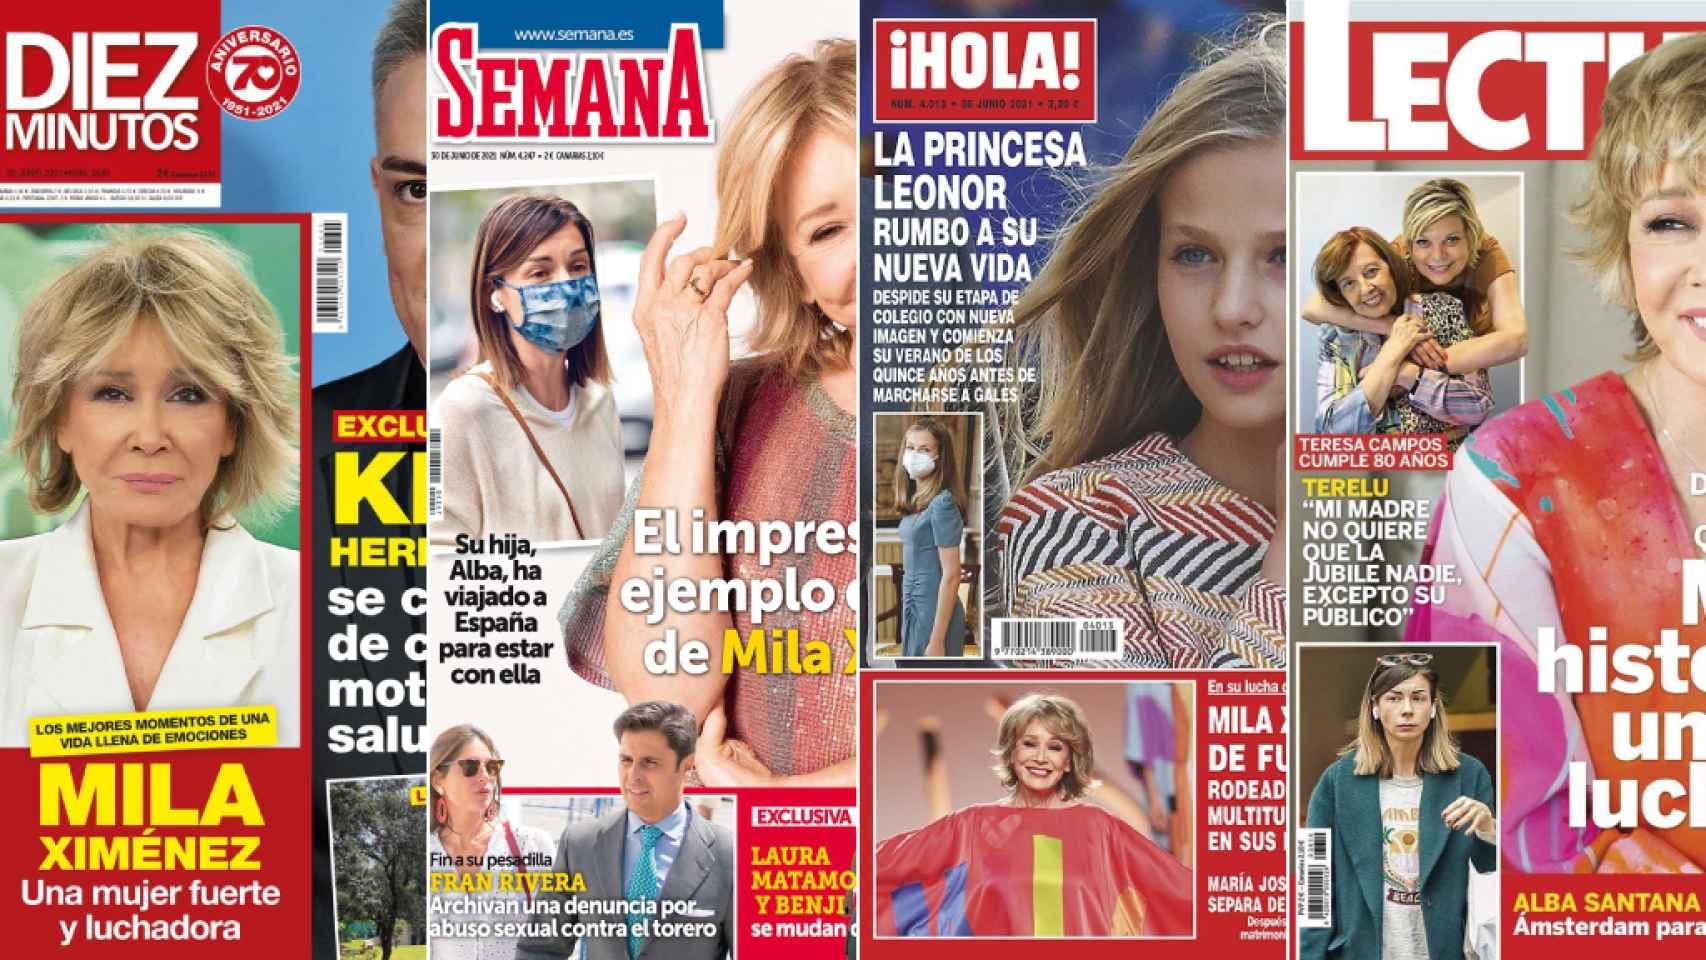 Revistas del miércoles 23 de junio de 2021.